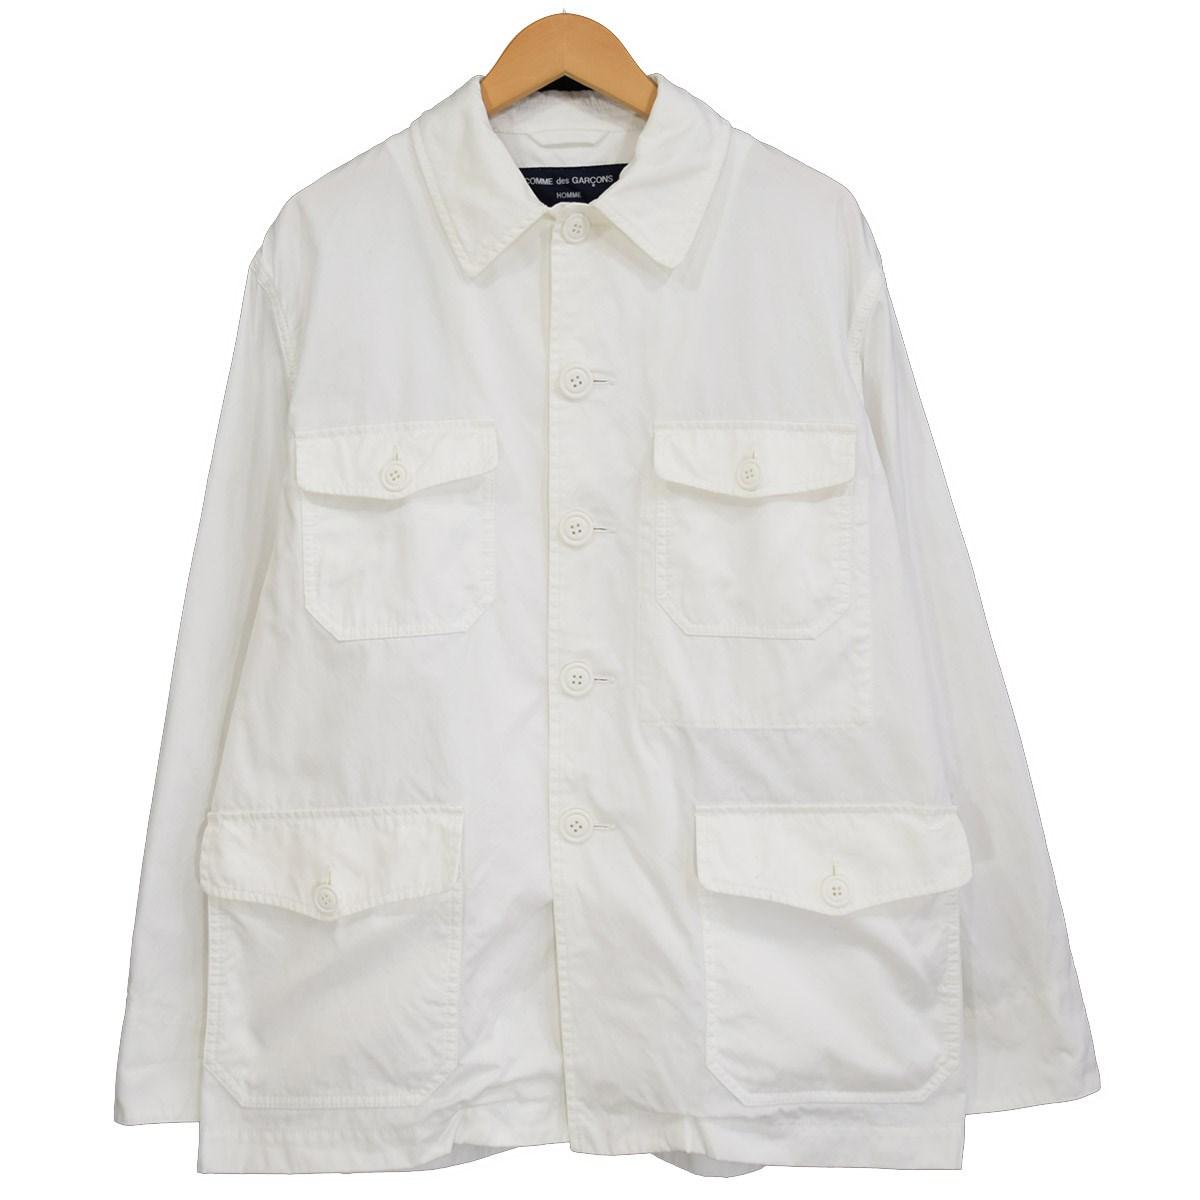 【中古】COMME des GARCONS HOMME Hight Density Cotton Gabardine JKT カバーオール 2018SS ホワイト サイズ:M 【200420】(コムデギャルソンオム)